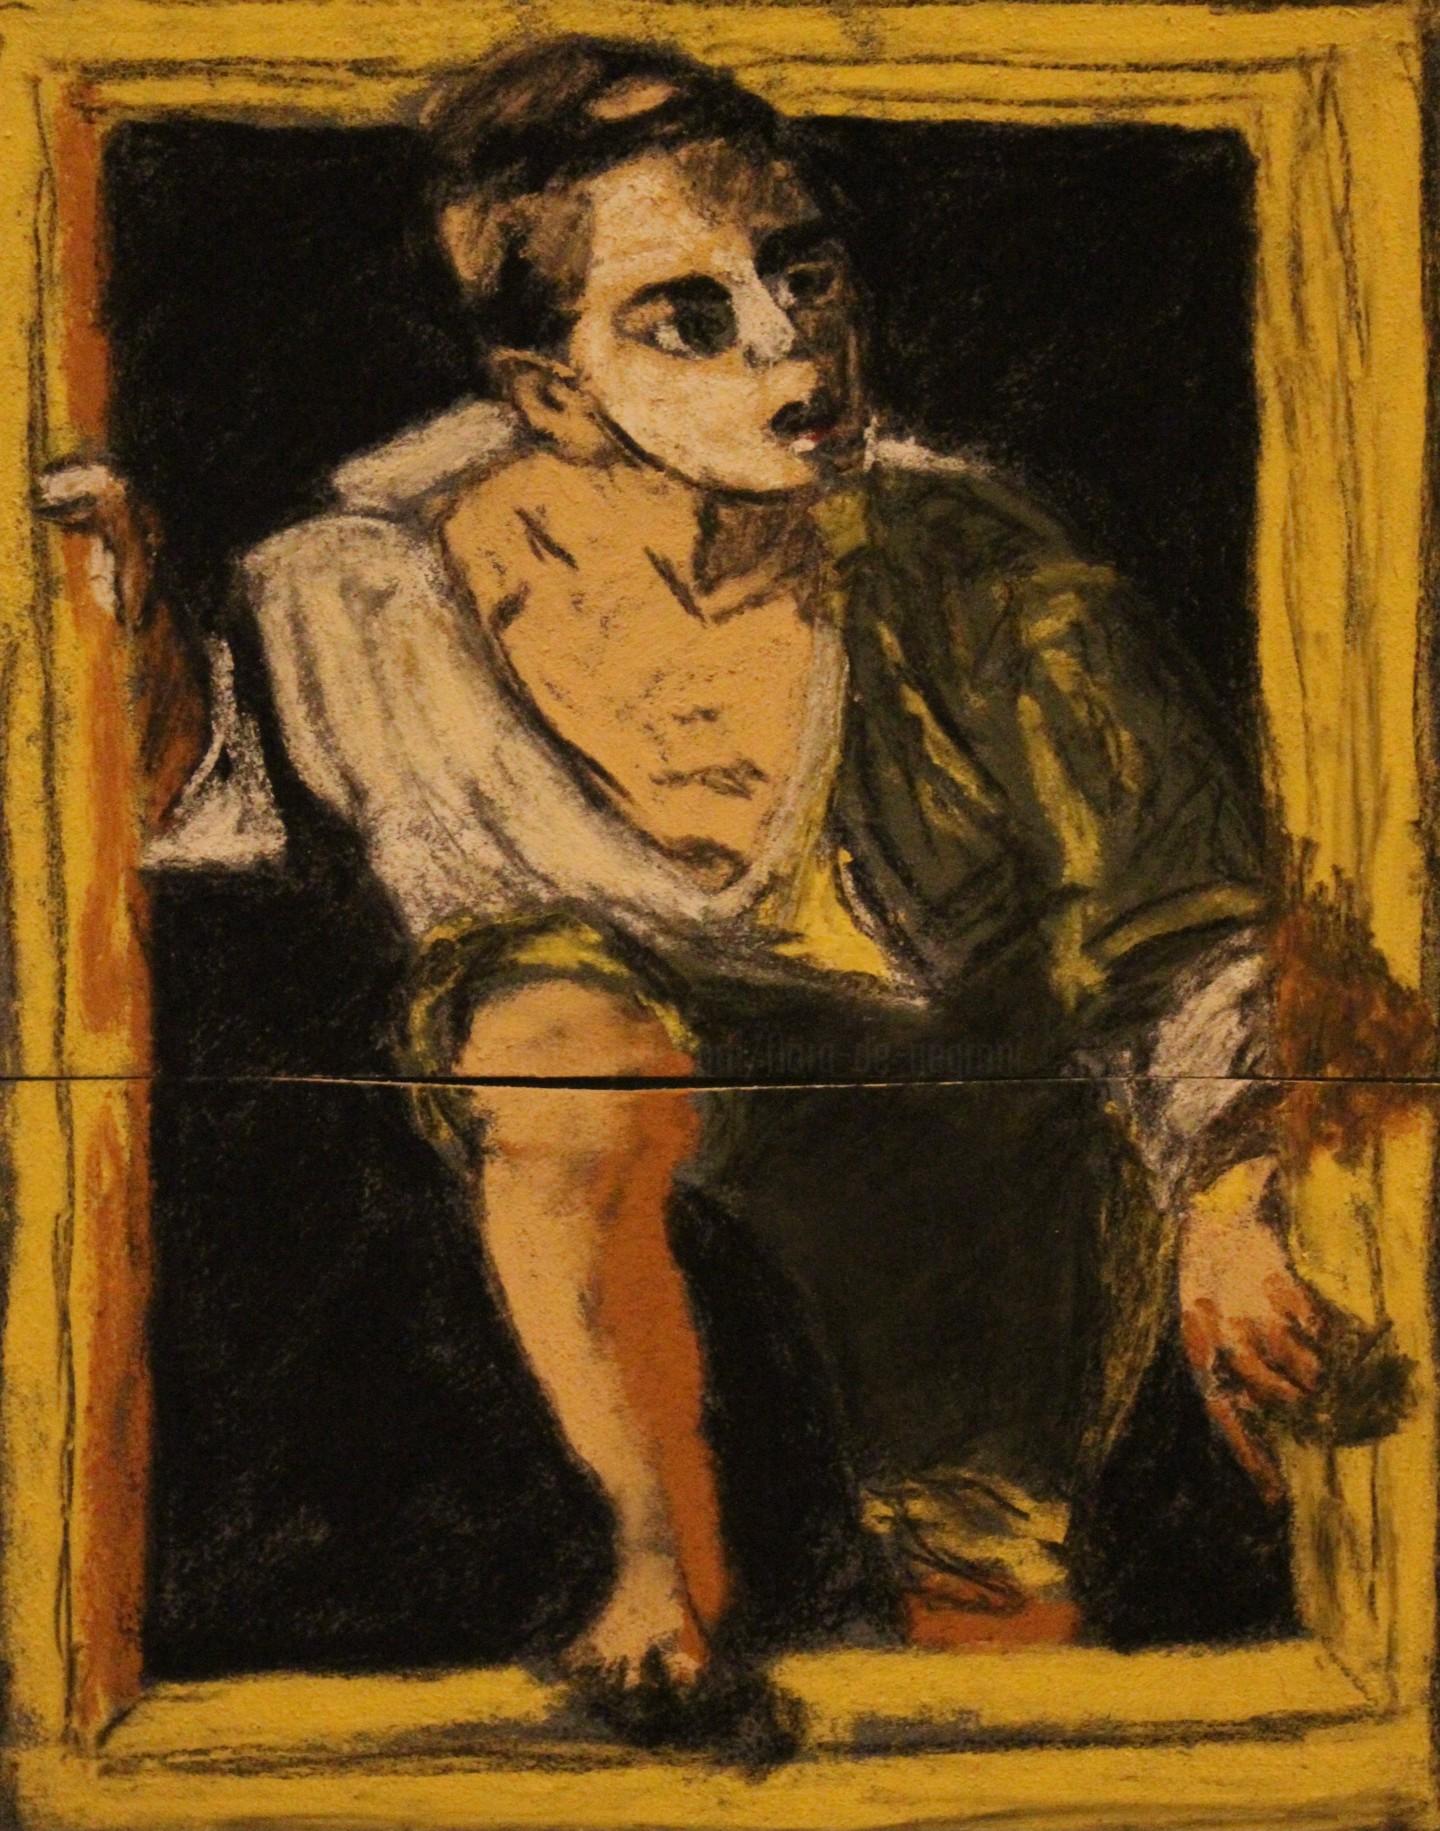 Anne Flora De Negroni - Le ramoneur se fait la malle